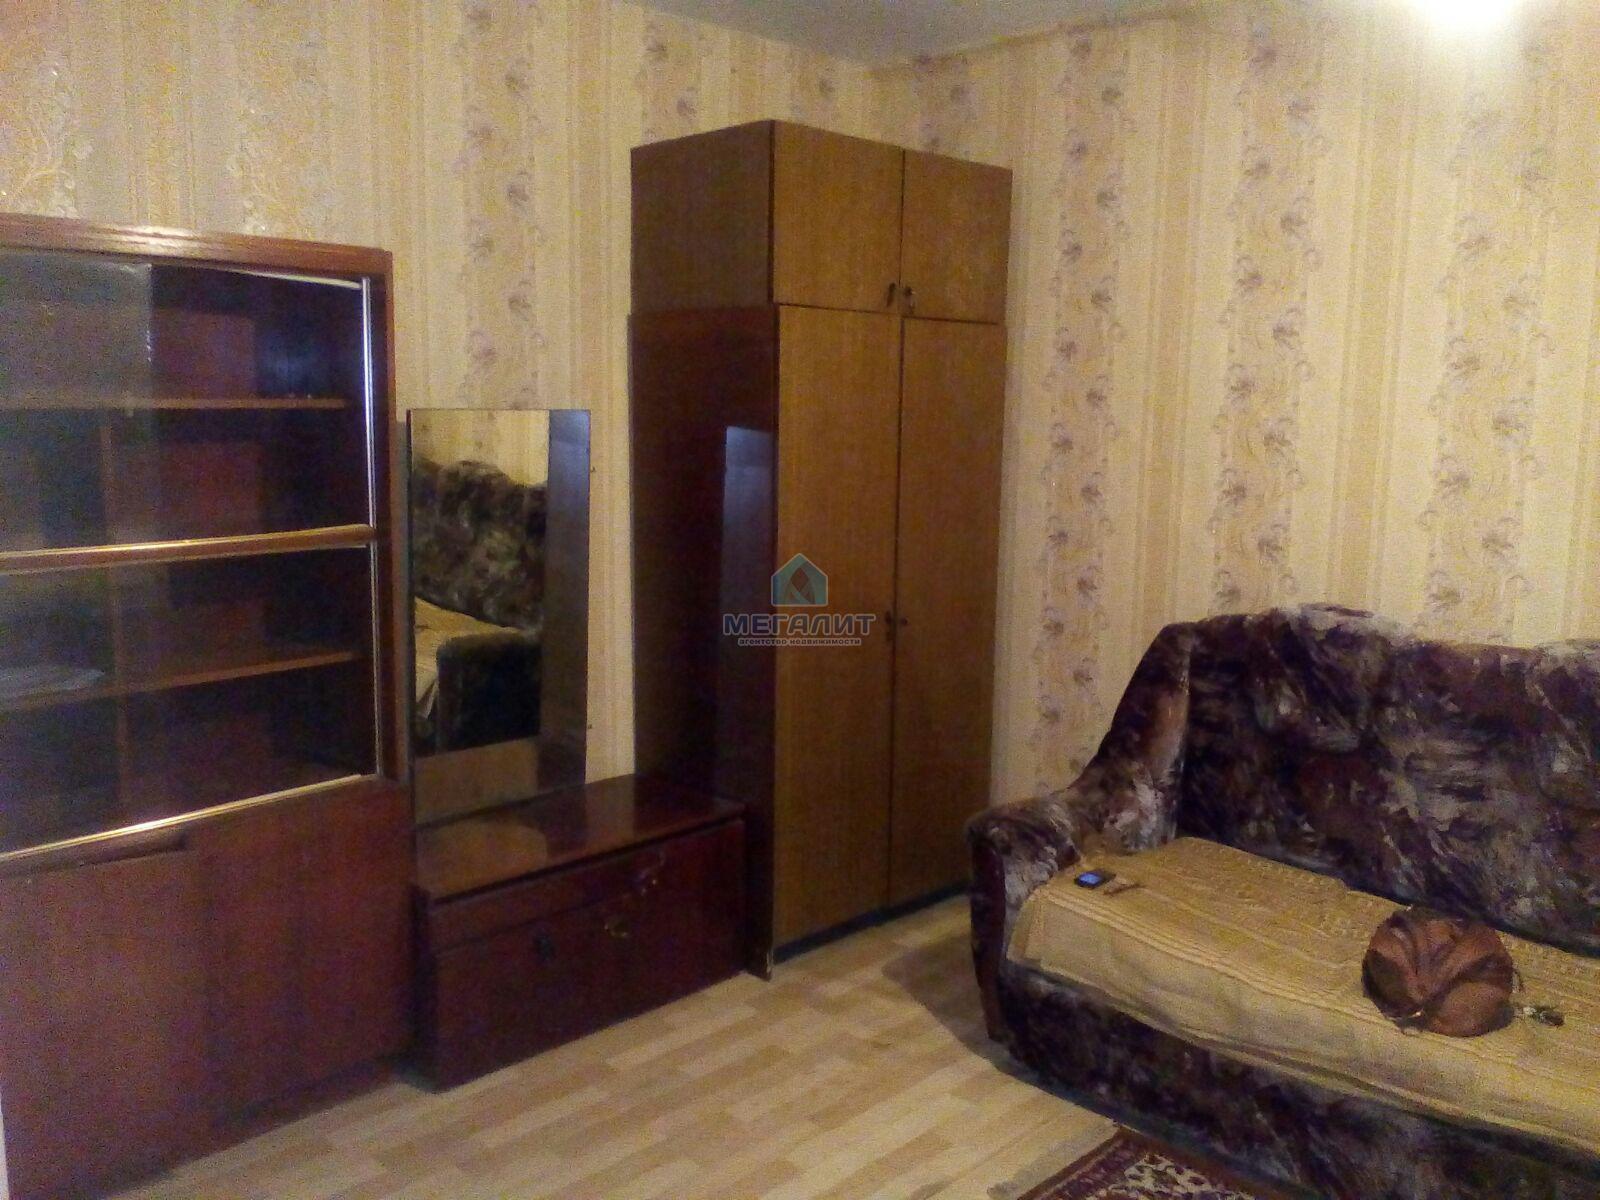 Аренда 1-к квартиры Гагарина 6, 32.0 м² (миниатюра №4)